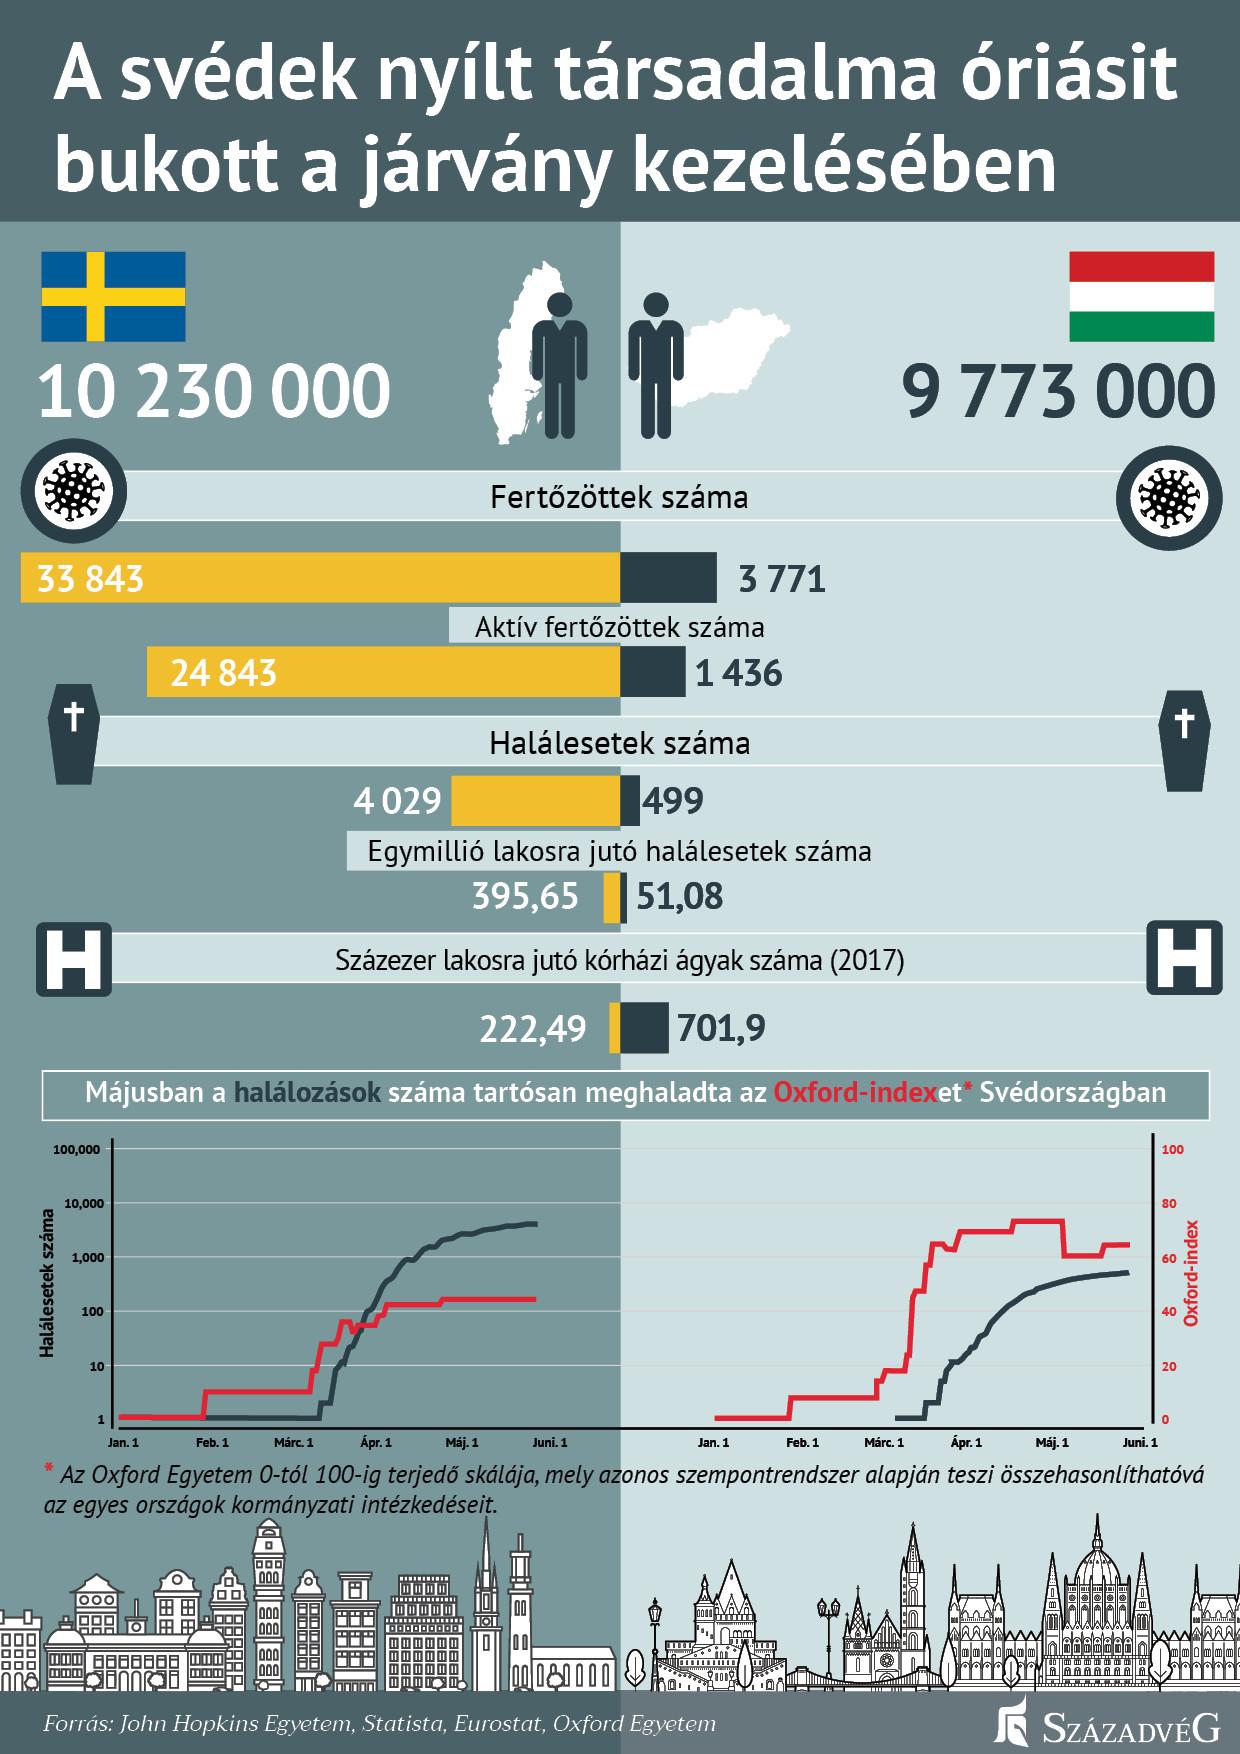 A lakosság méretéhez viszonyított kiugróan magas fertőzöttségi, illetve halálozási számok drámaimortalitási rátátprodukáltak